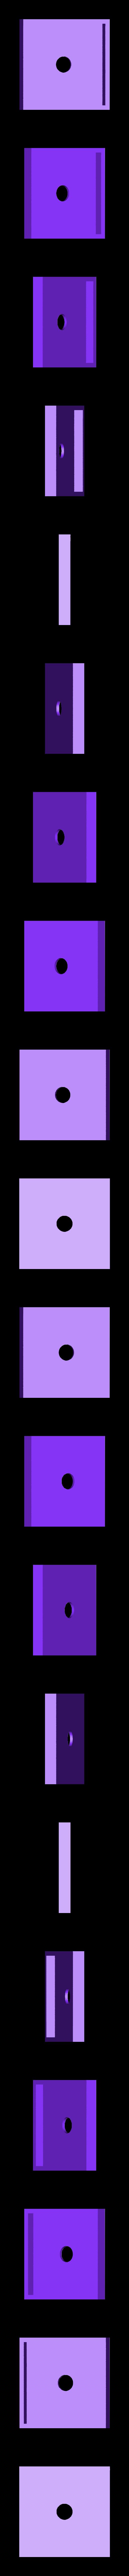 Vase_central_tube_support.stl Télécharger fichier STL gratuit Robinet magique • Objet pour impression 3D, Hazon_Maker